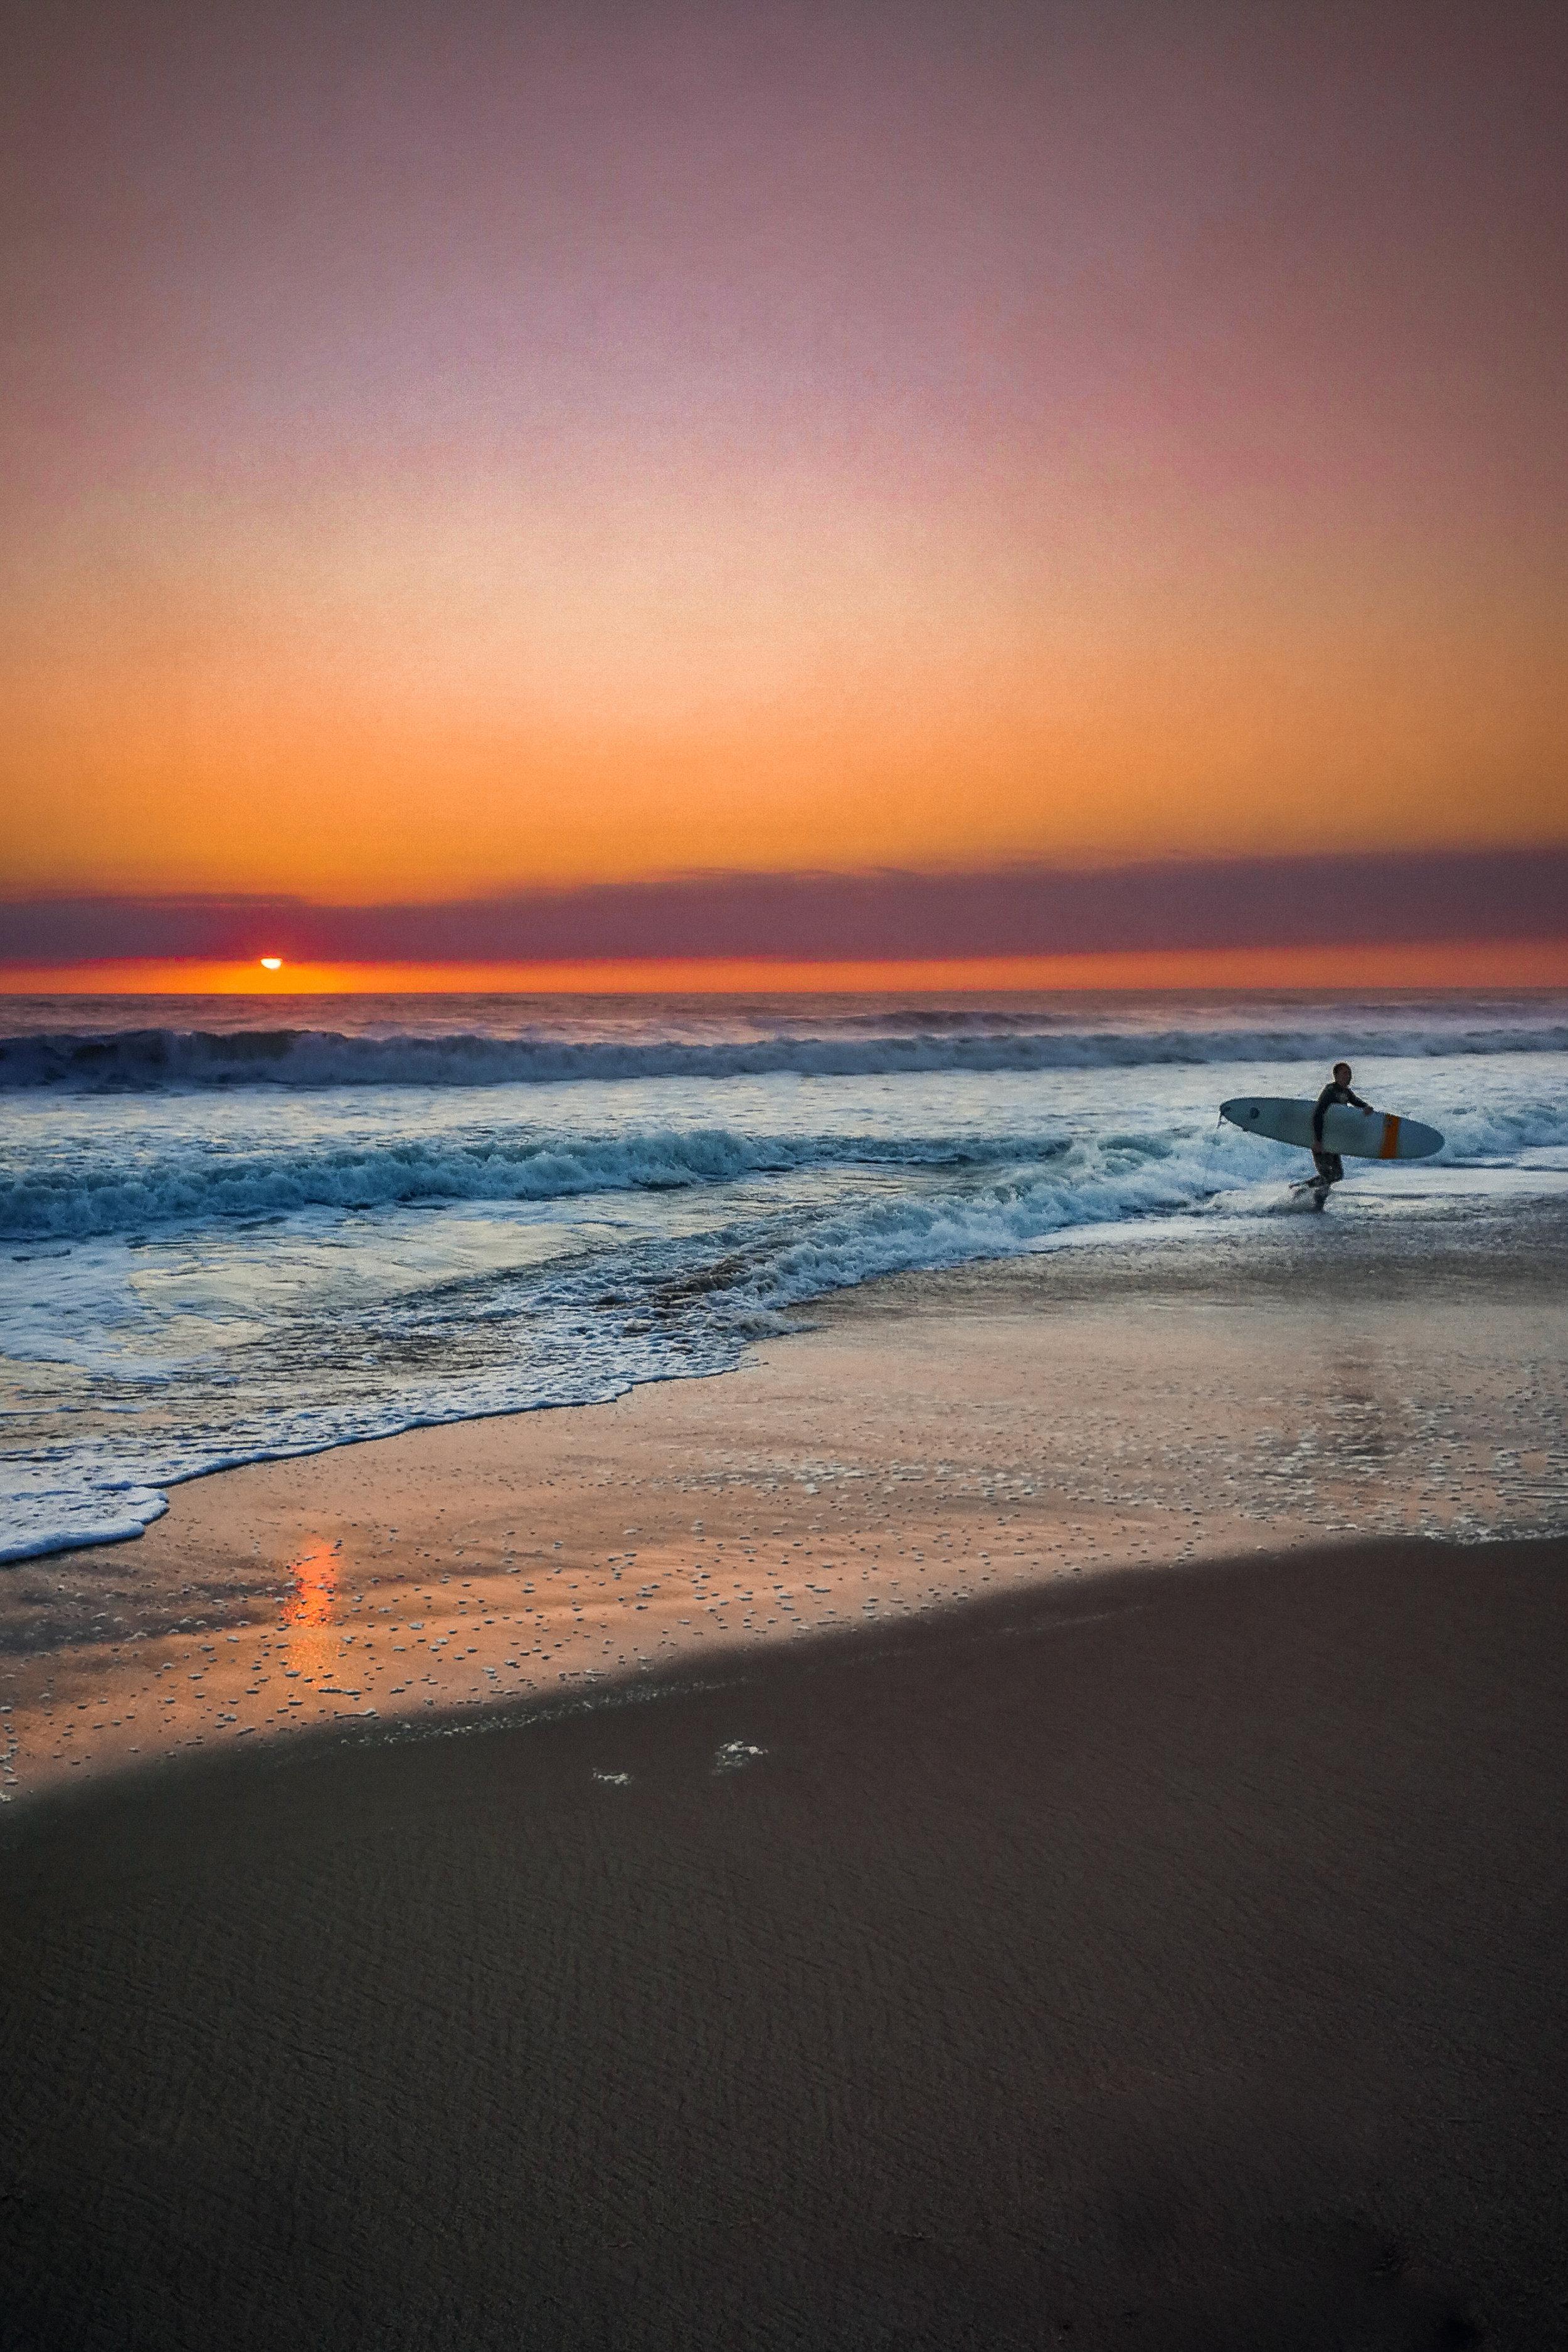 - Vacances bien mérité après une année bien chargée, l'occasion de s'initier aux sports de glisses ( et de prendre contact avec les organisateurs des compétitions de surf pour retouner les shooter par la suite ;)Bonne vacances à tous